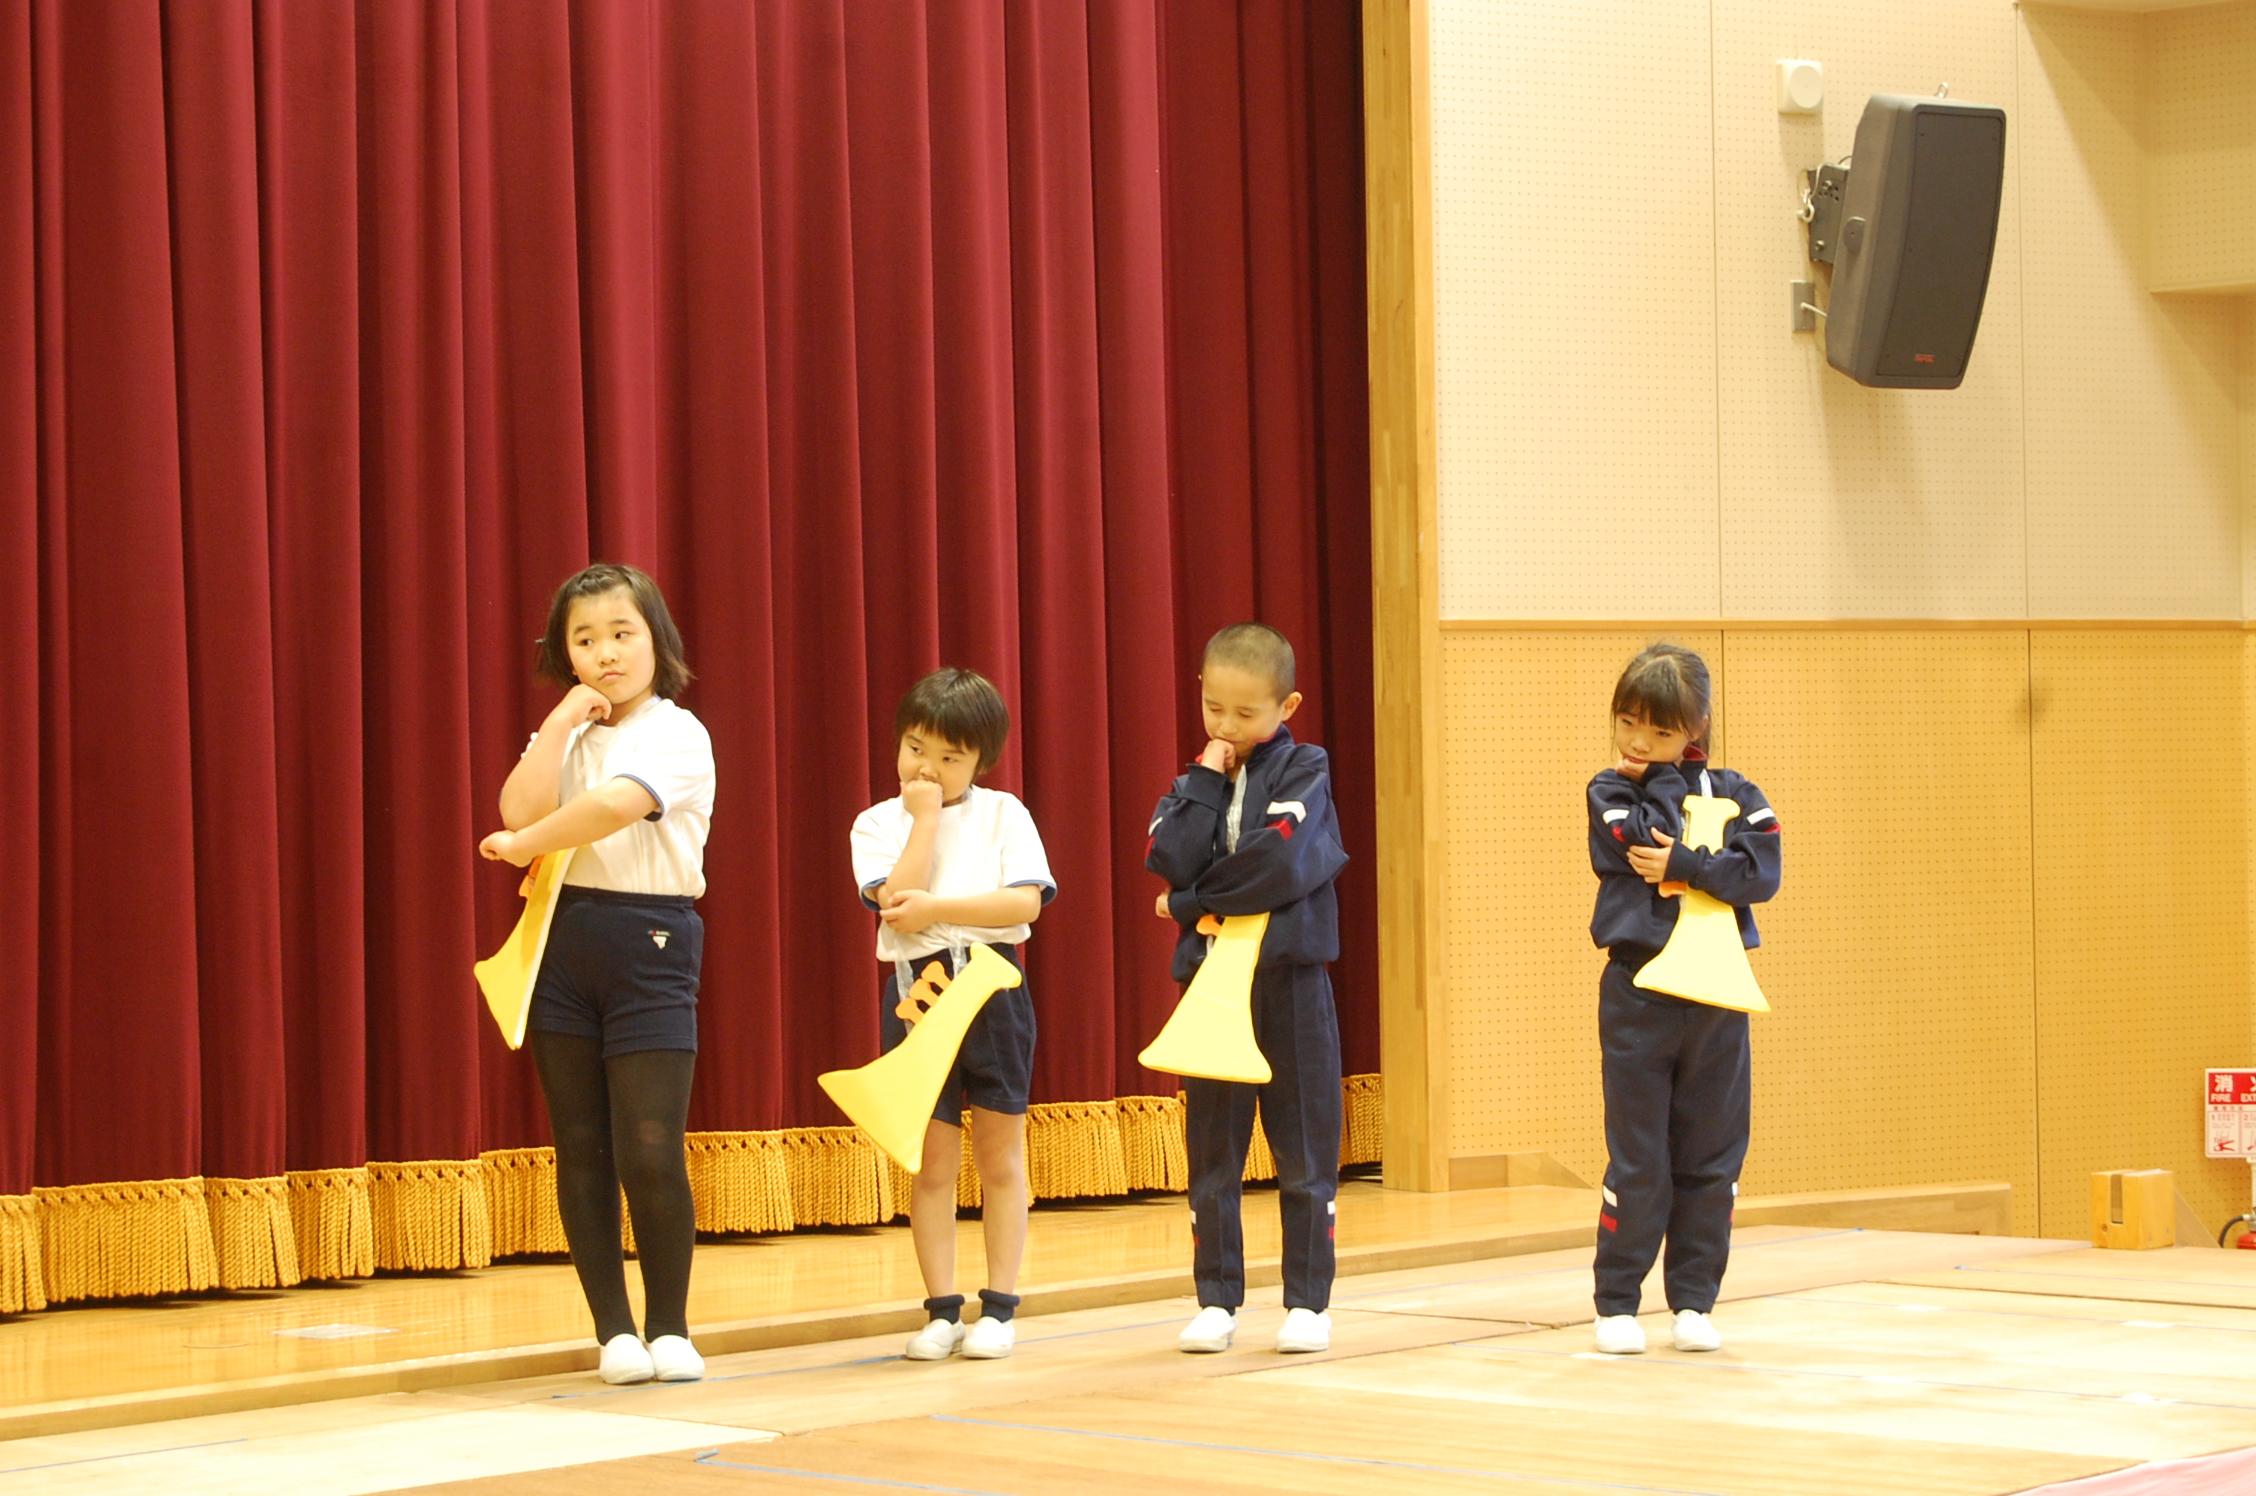 英語劇練習 : デイリースナップで見る学びのポイント - 岐阜聖徳学園大学附属小学校